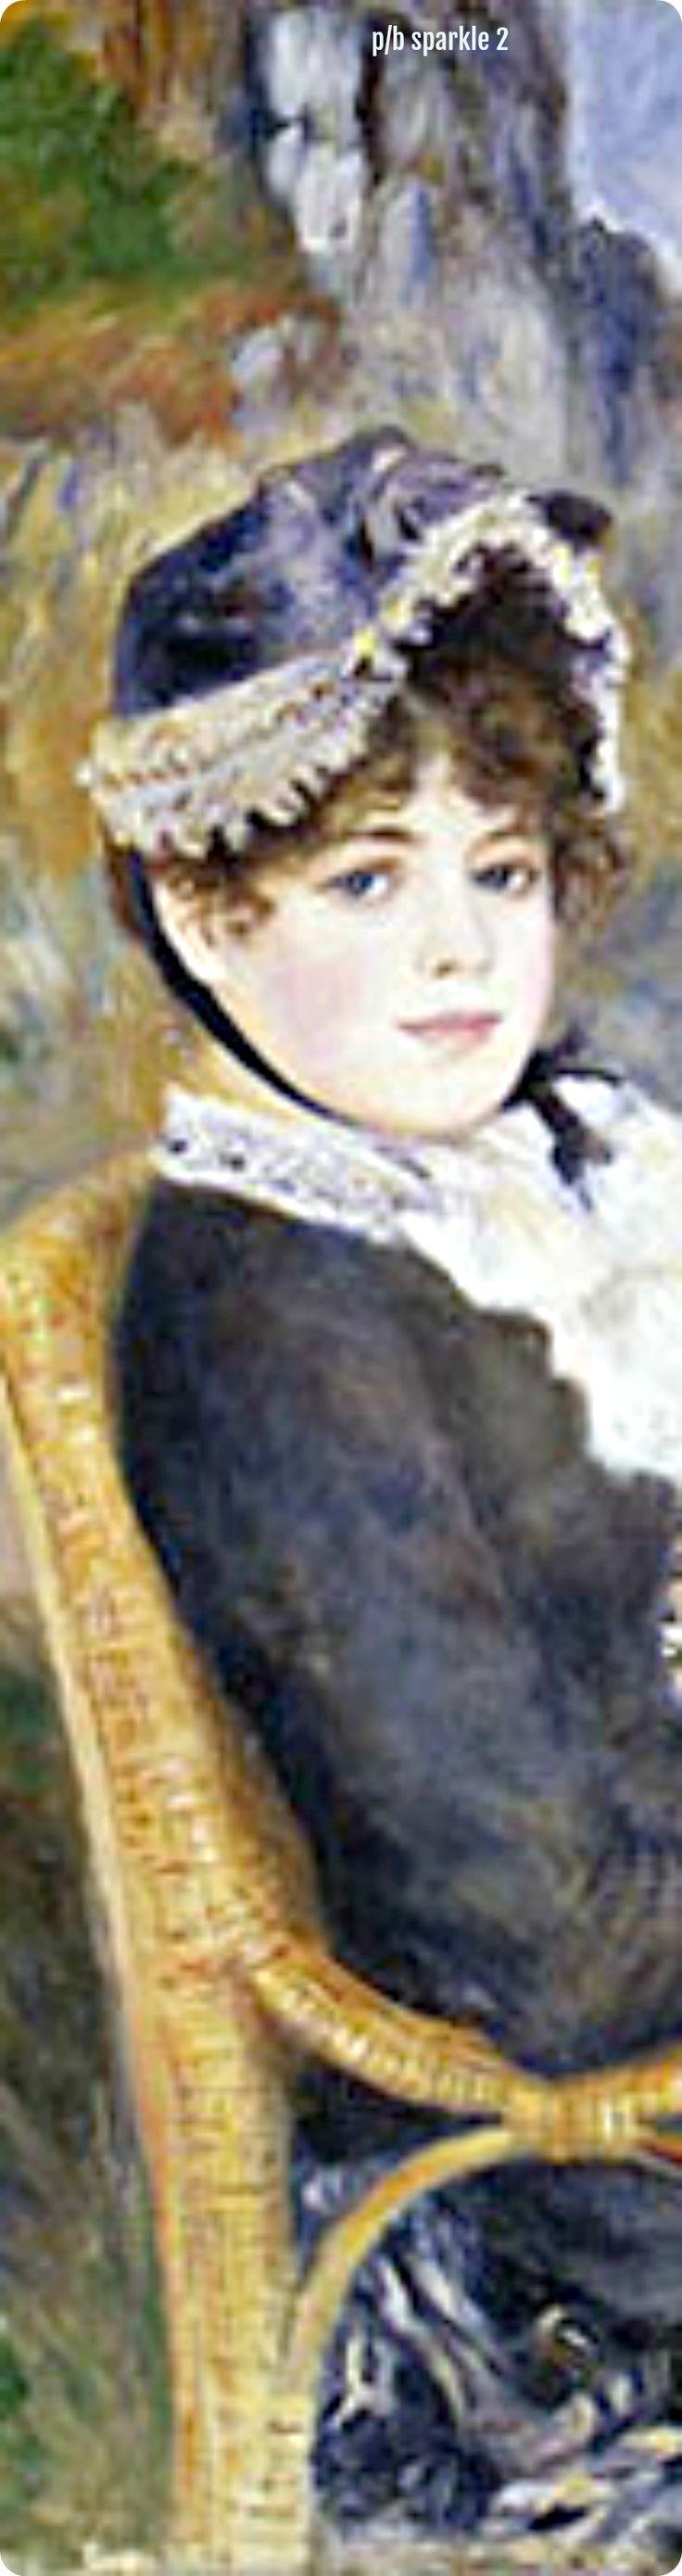 Pierre-Auguste Renoir (1841-1919): By the Seashore, 1883